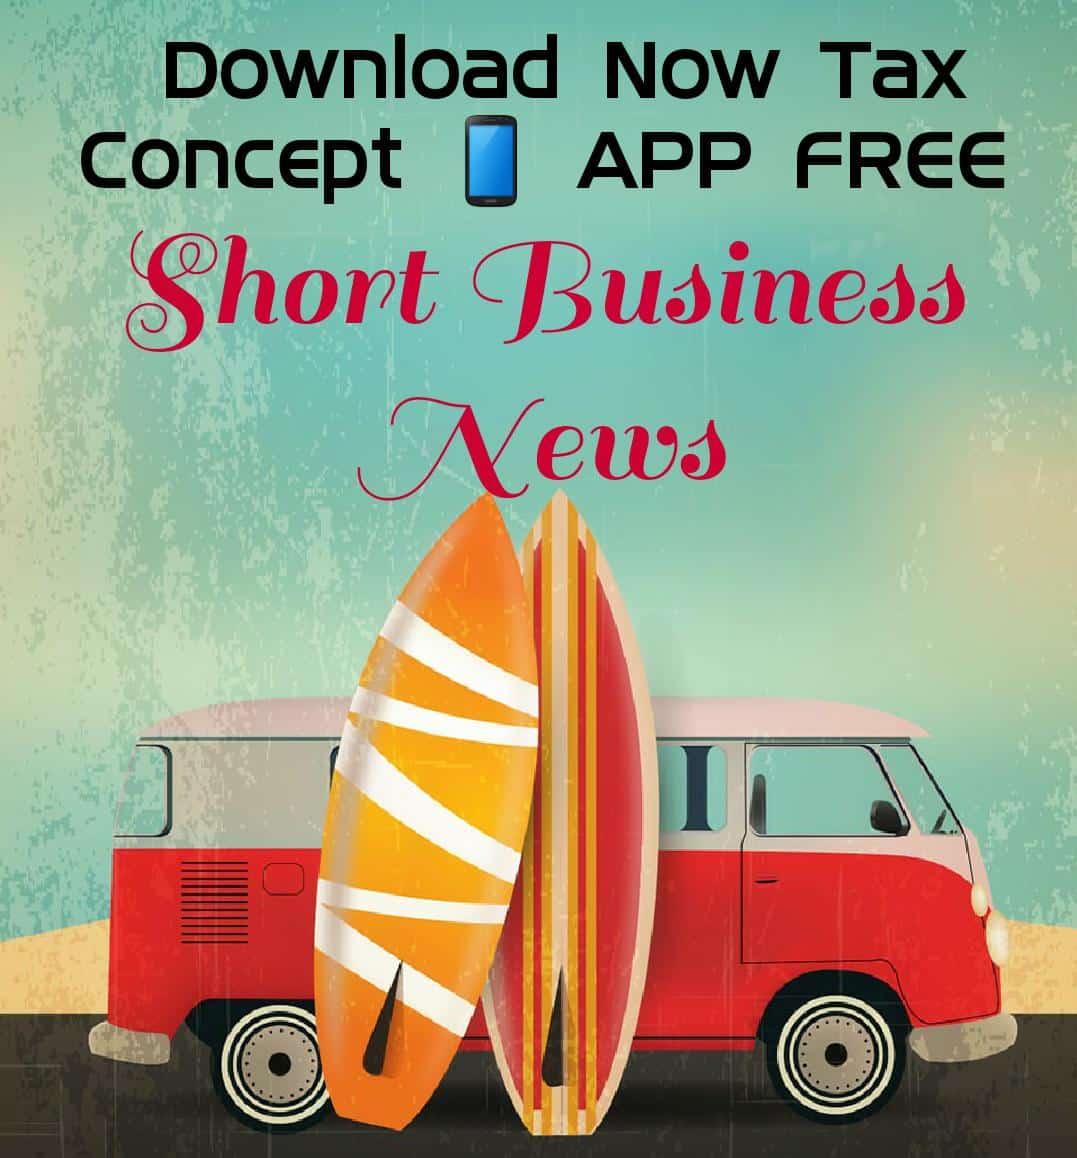 Short Business News